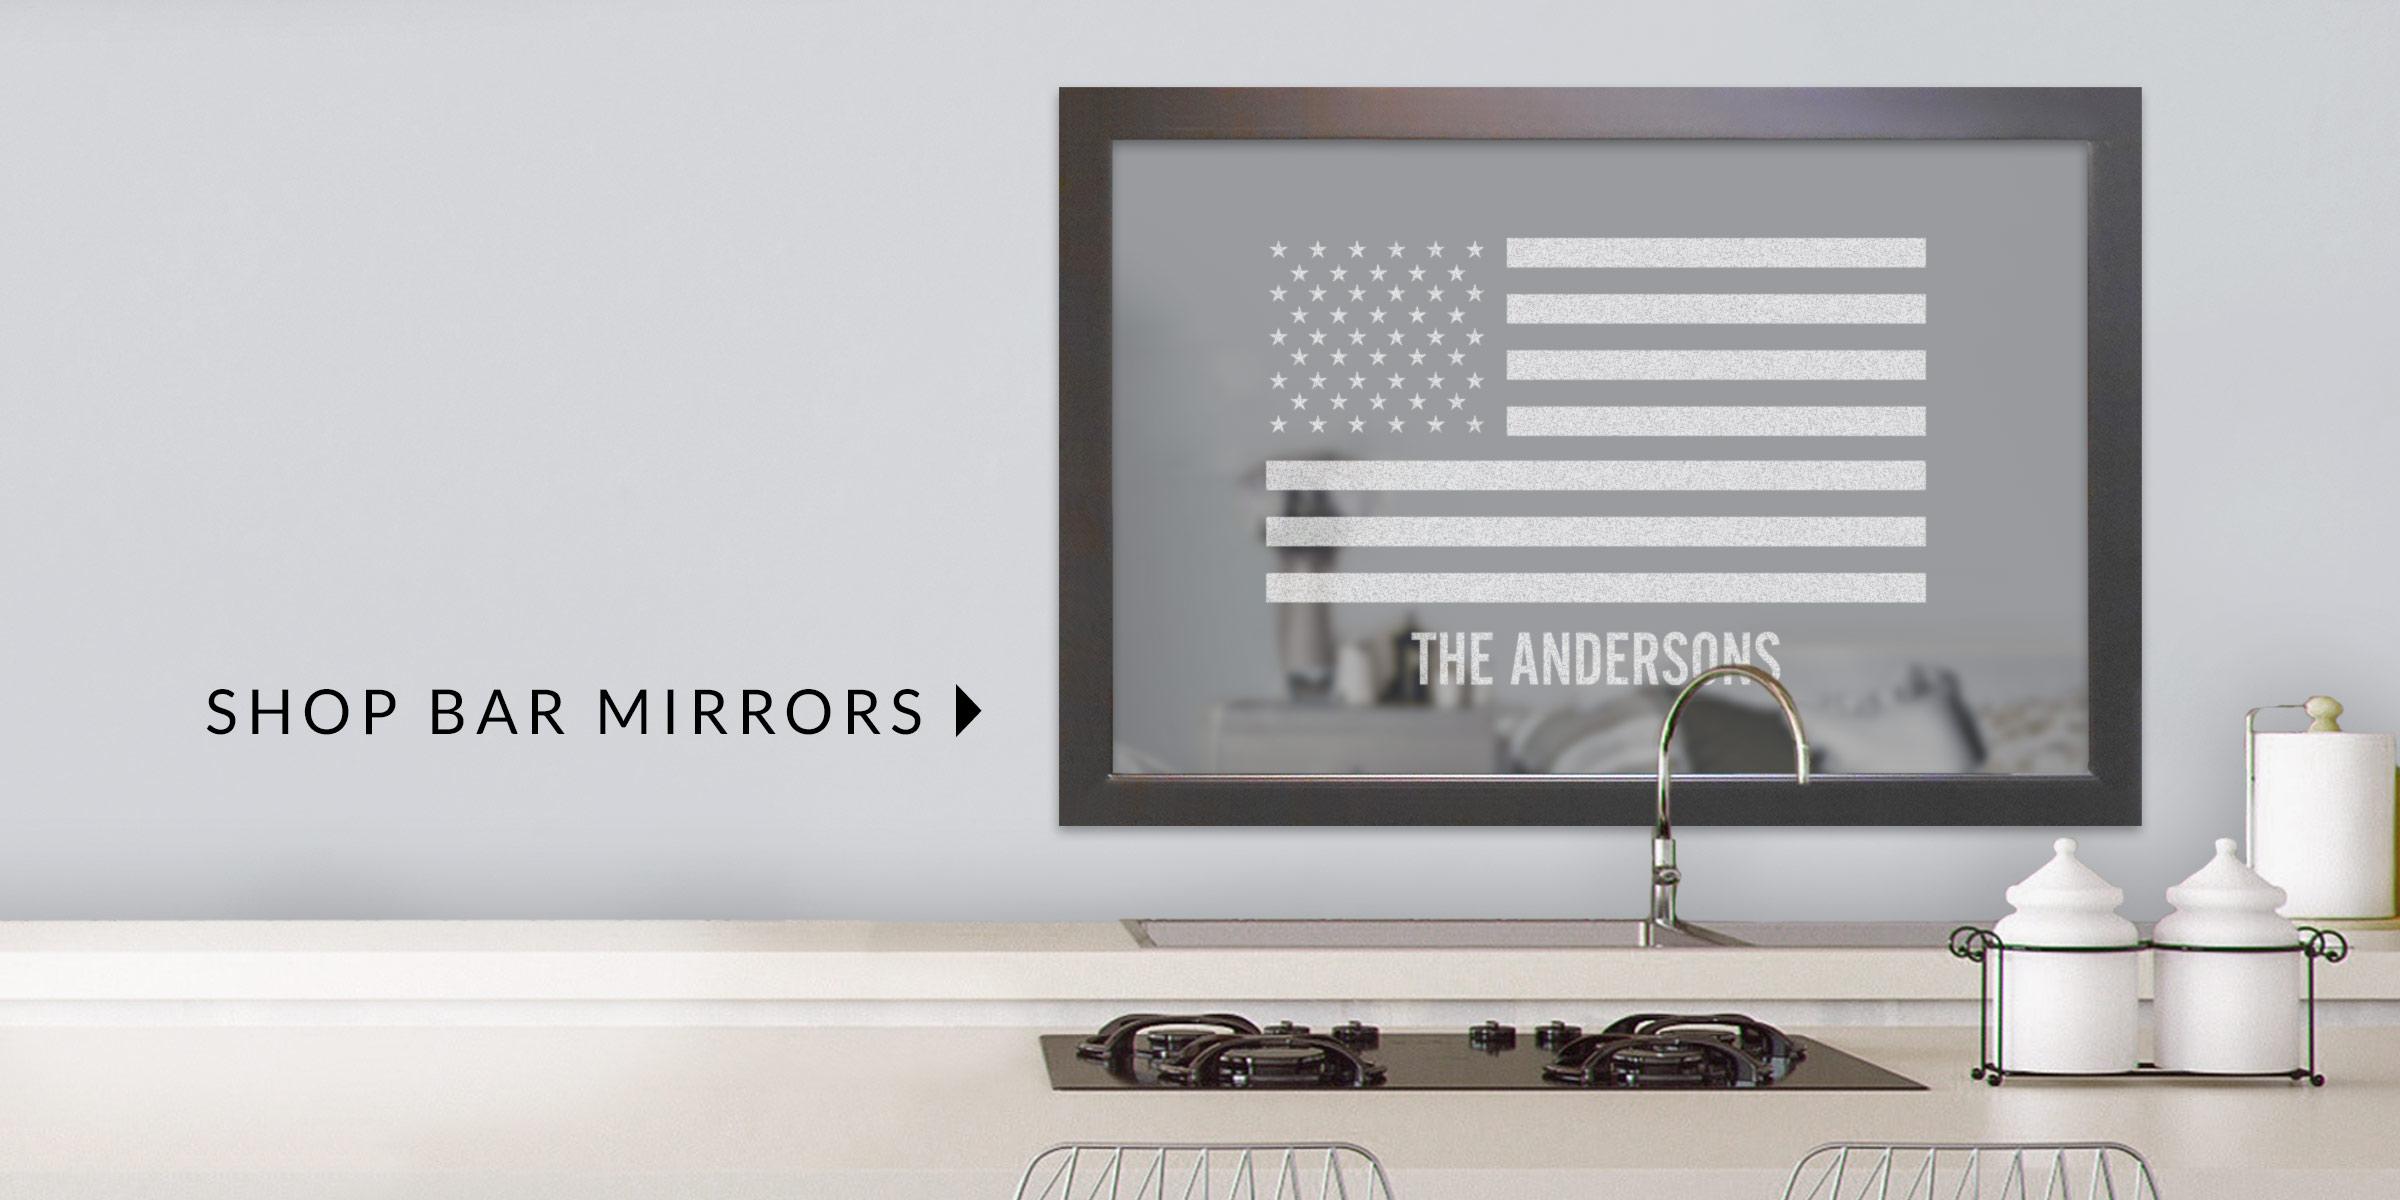 Shop Bar Mirrors